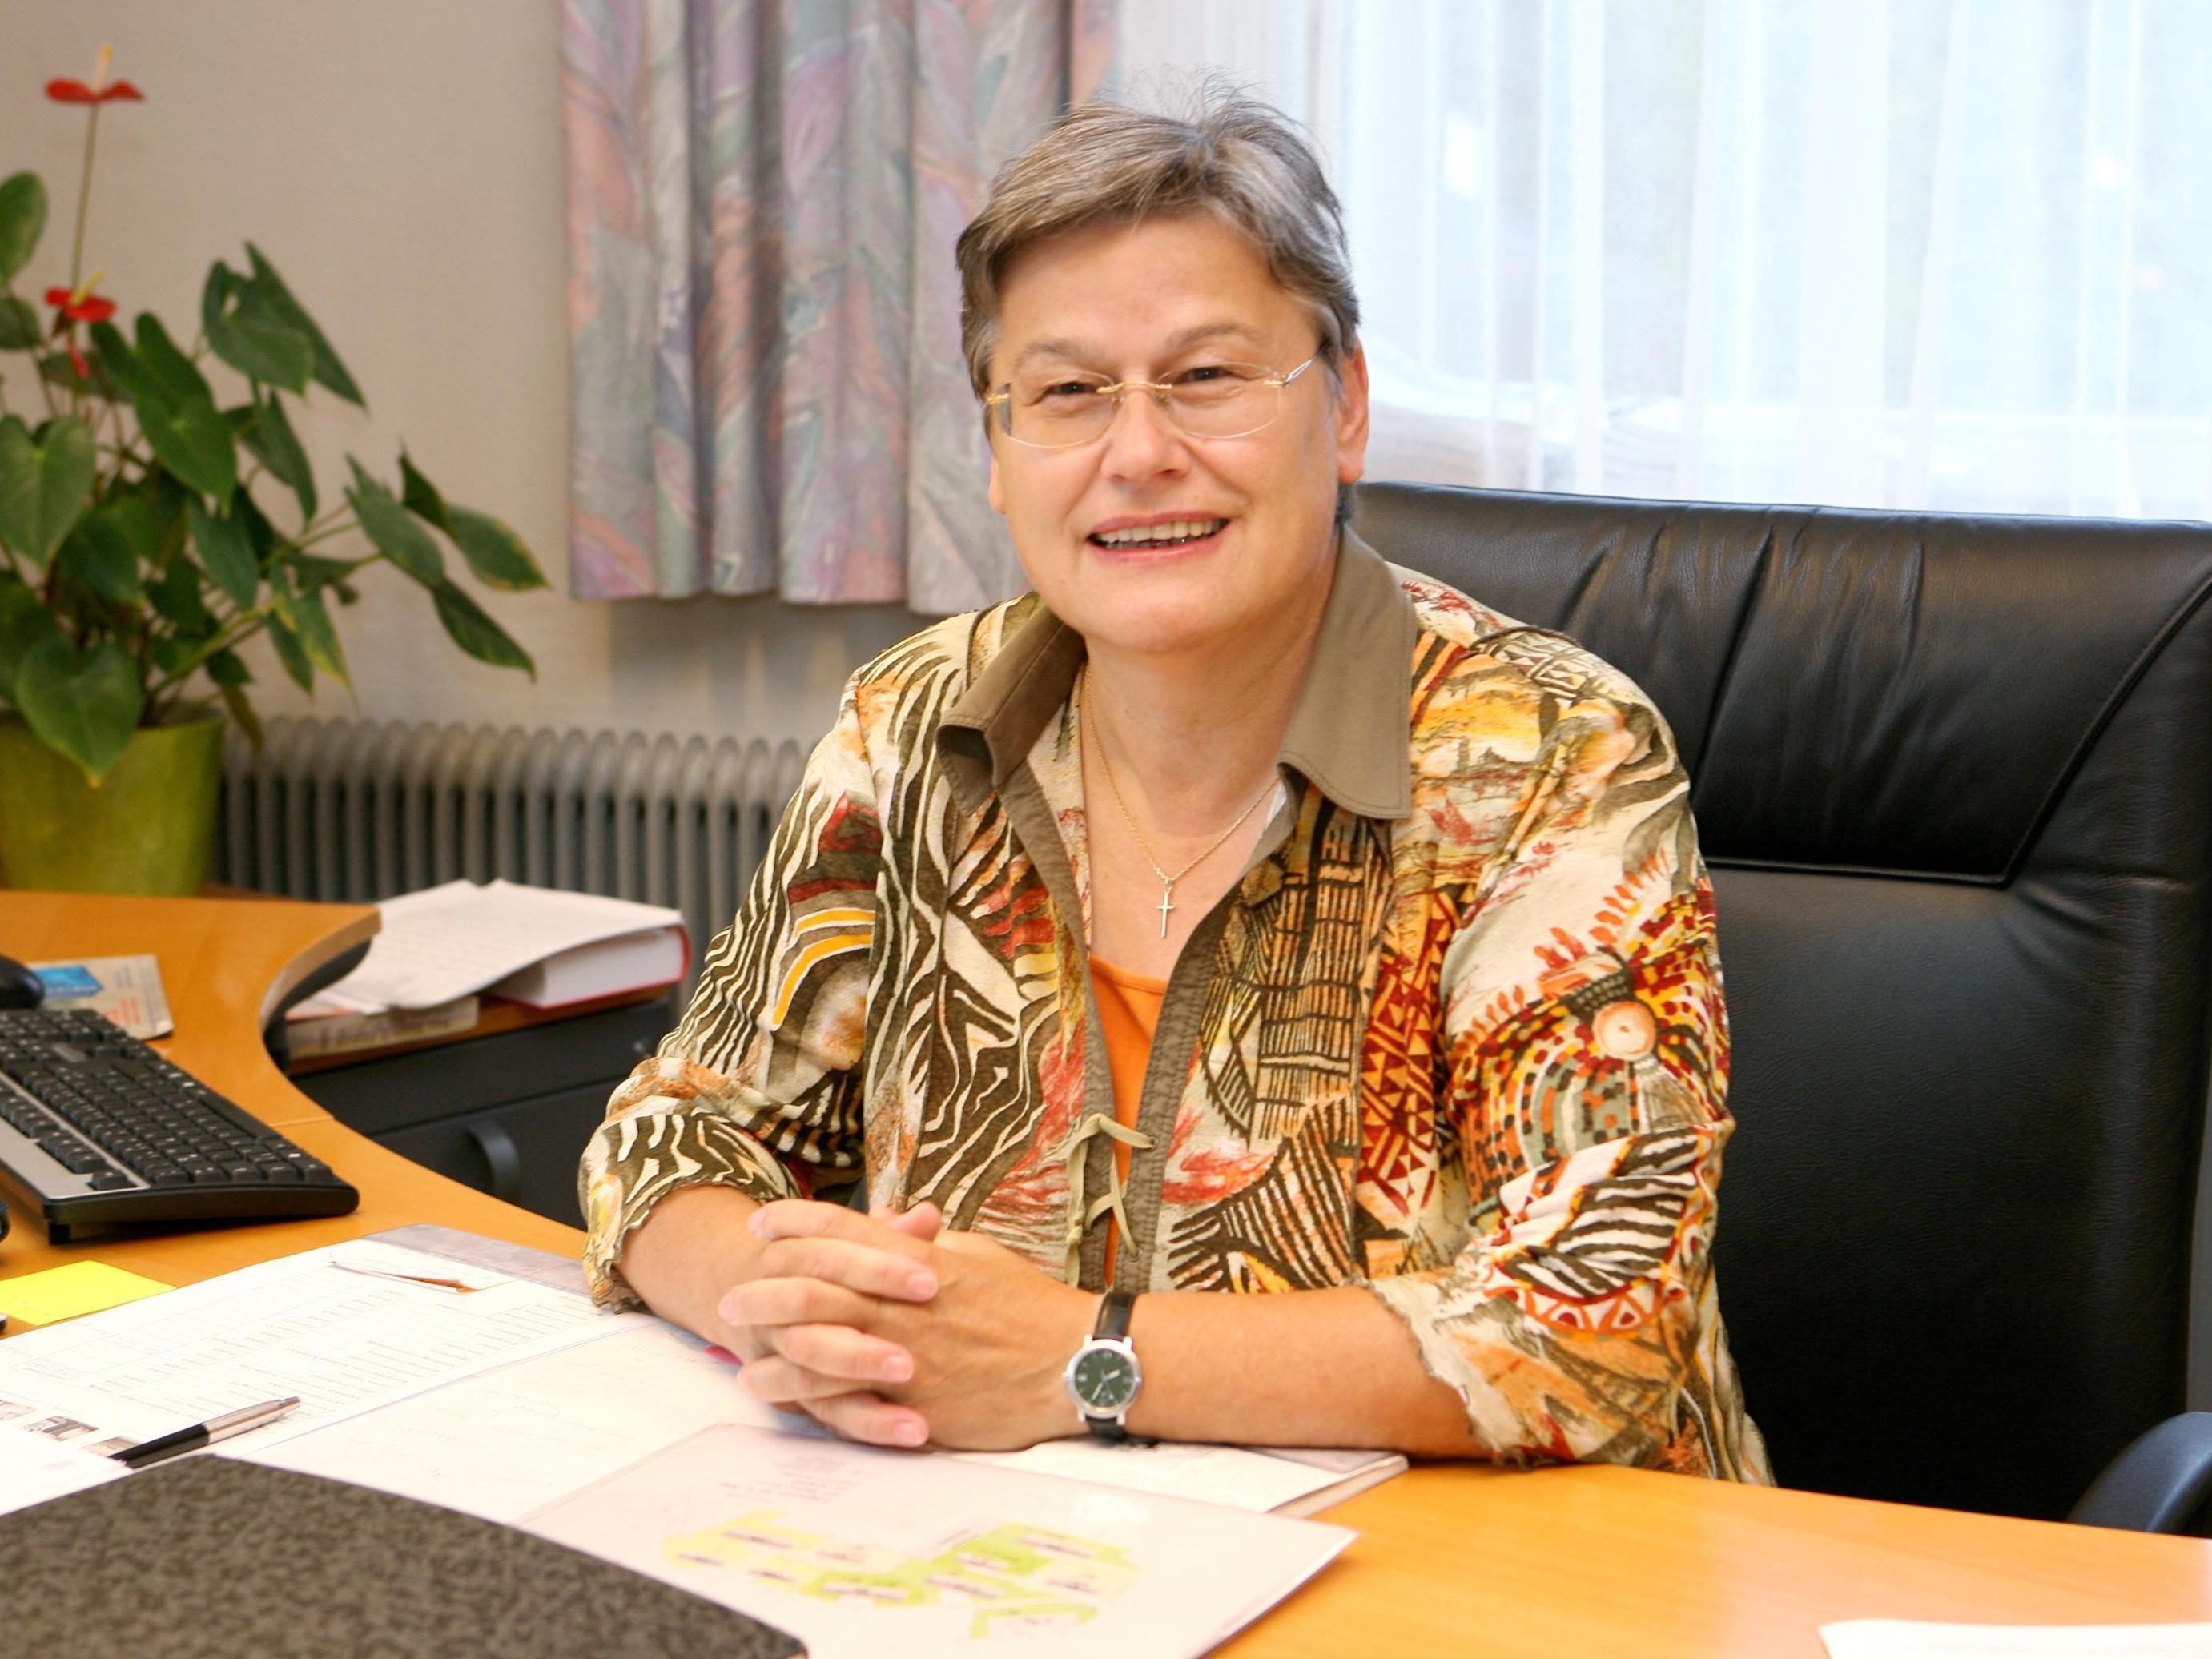 Bürgermeister Wicke erfreut über Finanzlage in Mellau